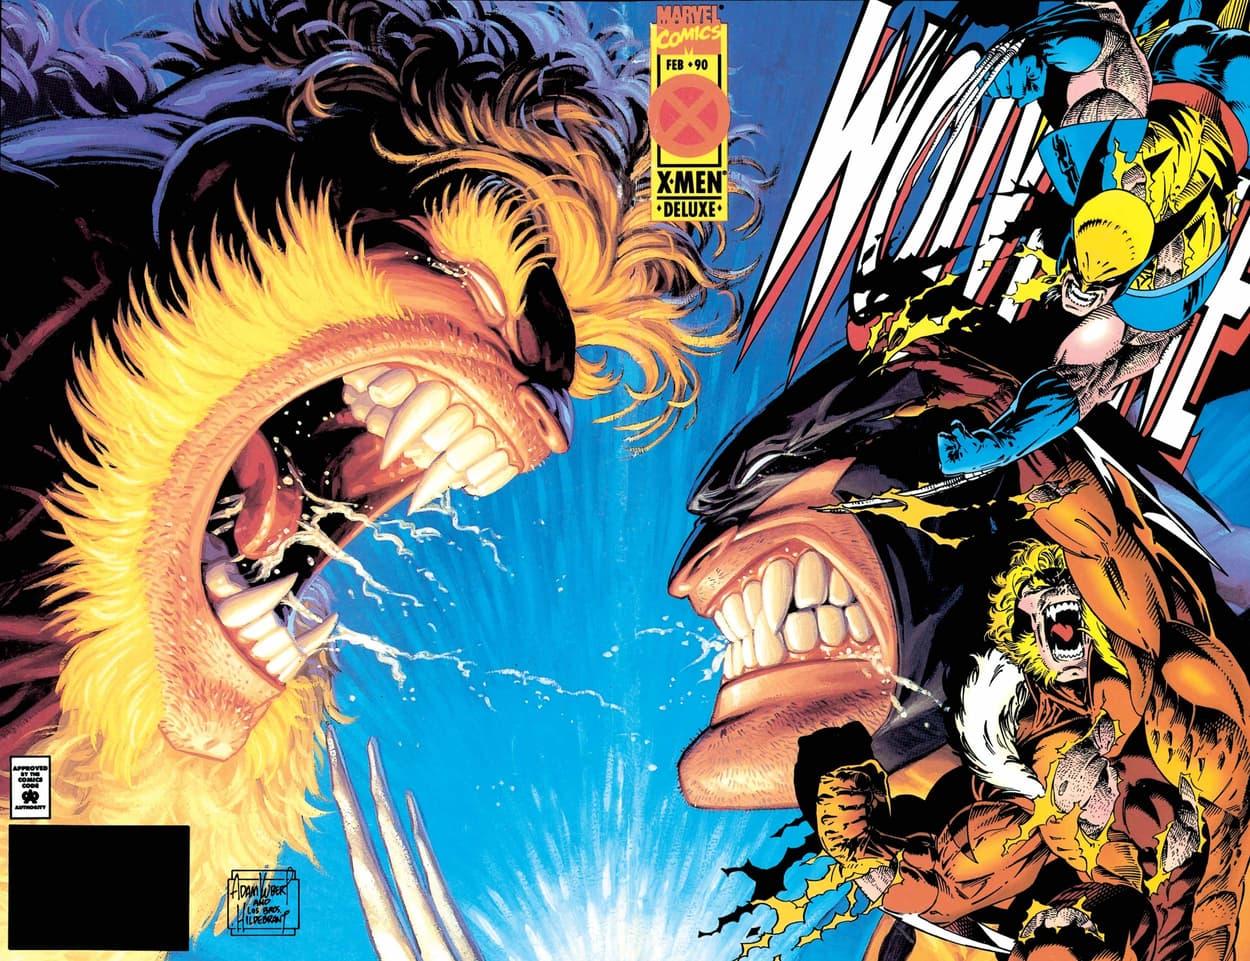 WOLVERINE (1988) #90 cover by Adam Kubert, Greg Hildebrandt, and Tim Hildebrandt